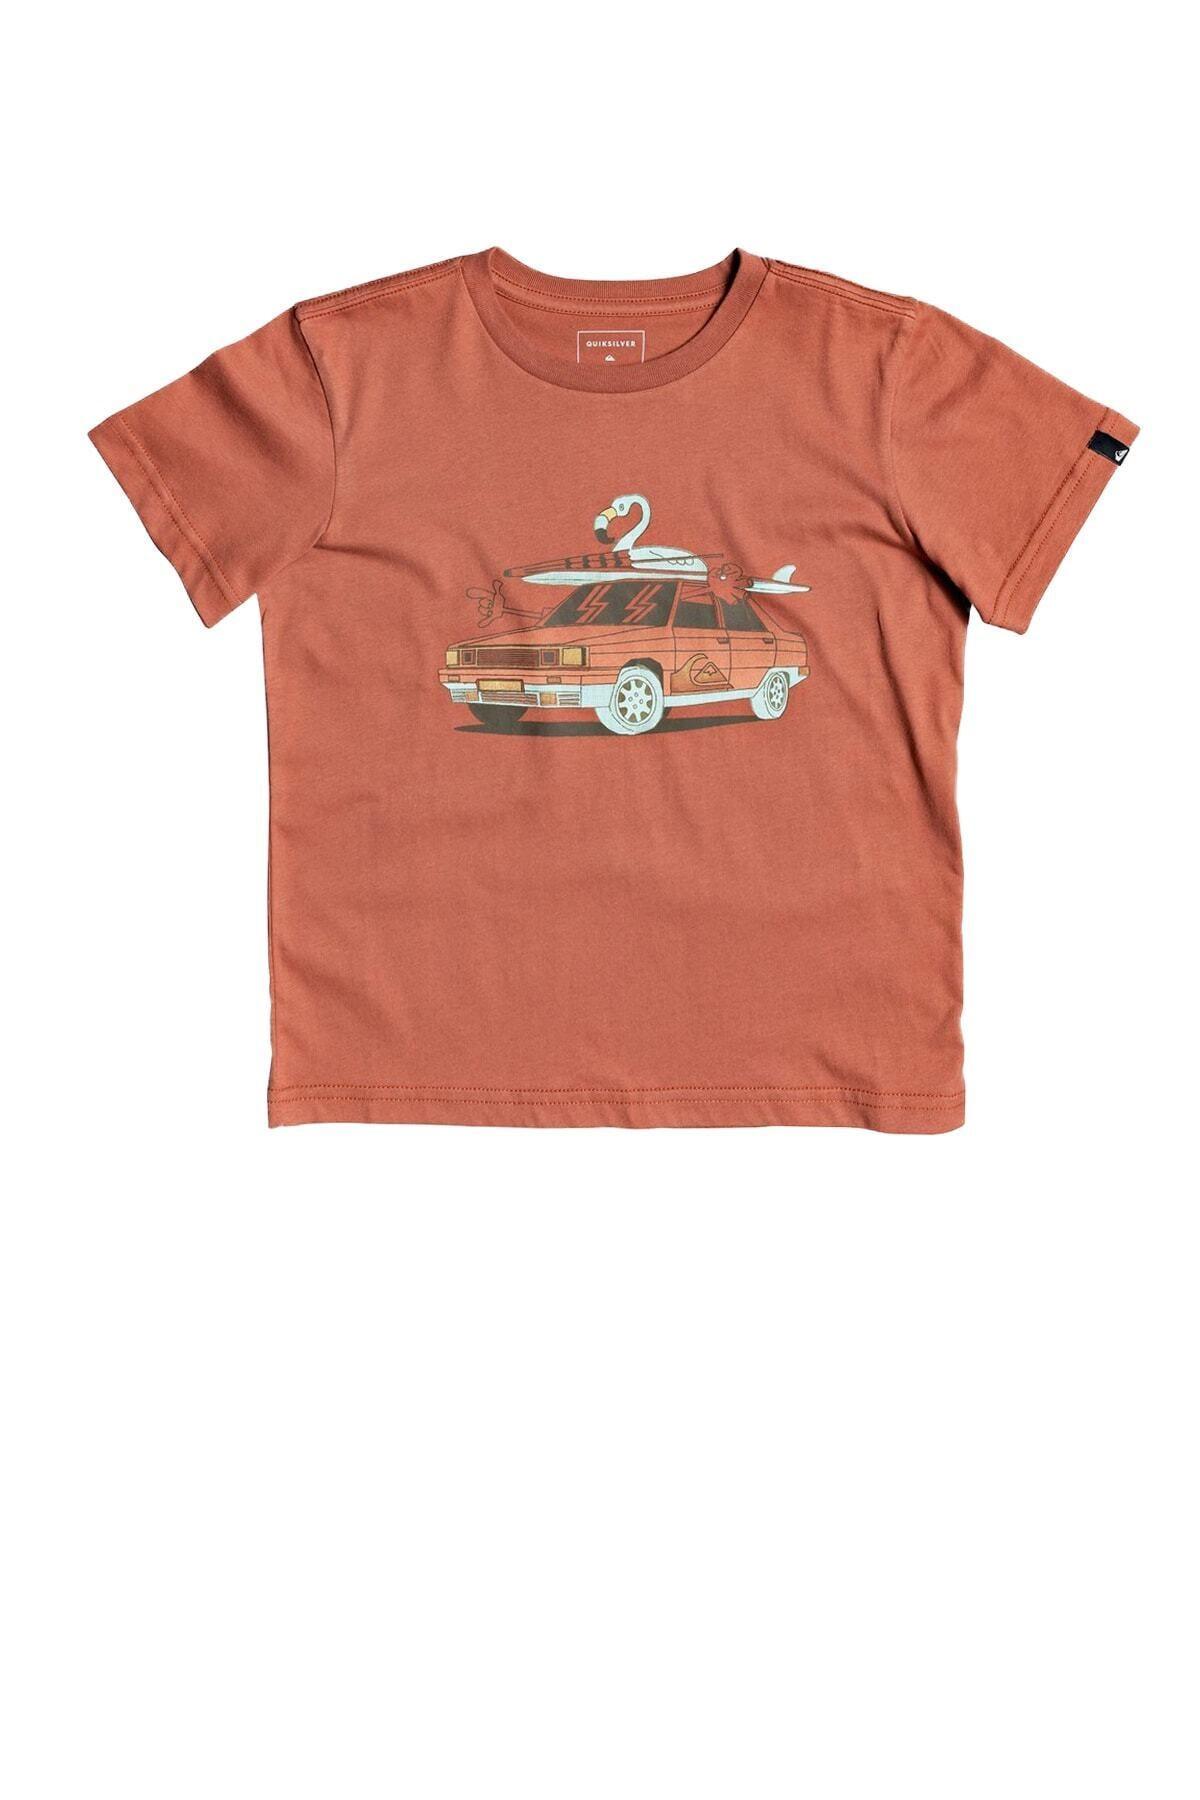 Quiksilver Unisex Çocuk Rdigtaltimss Çocuk T-Shirt Eqkzt03374-mnl0 1